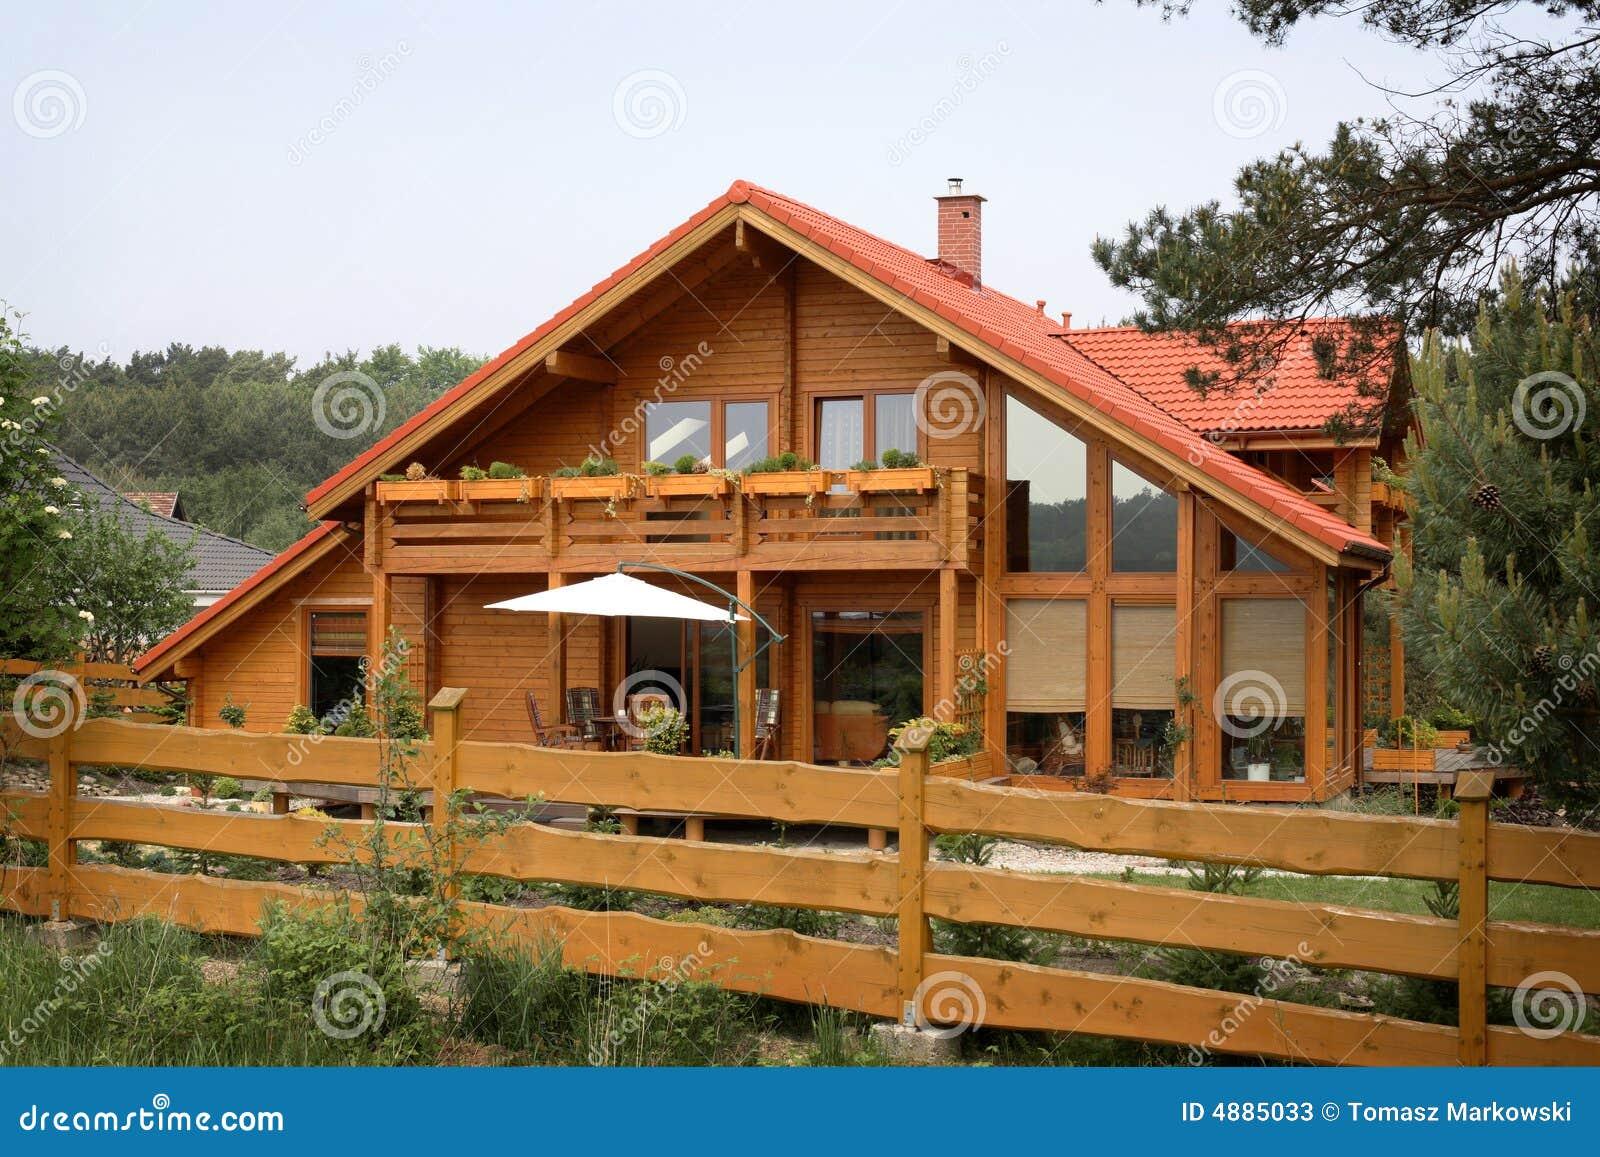 Casa de campo rústica imagen de archivo. Imagen de enselvado - 4885033